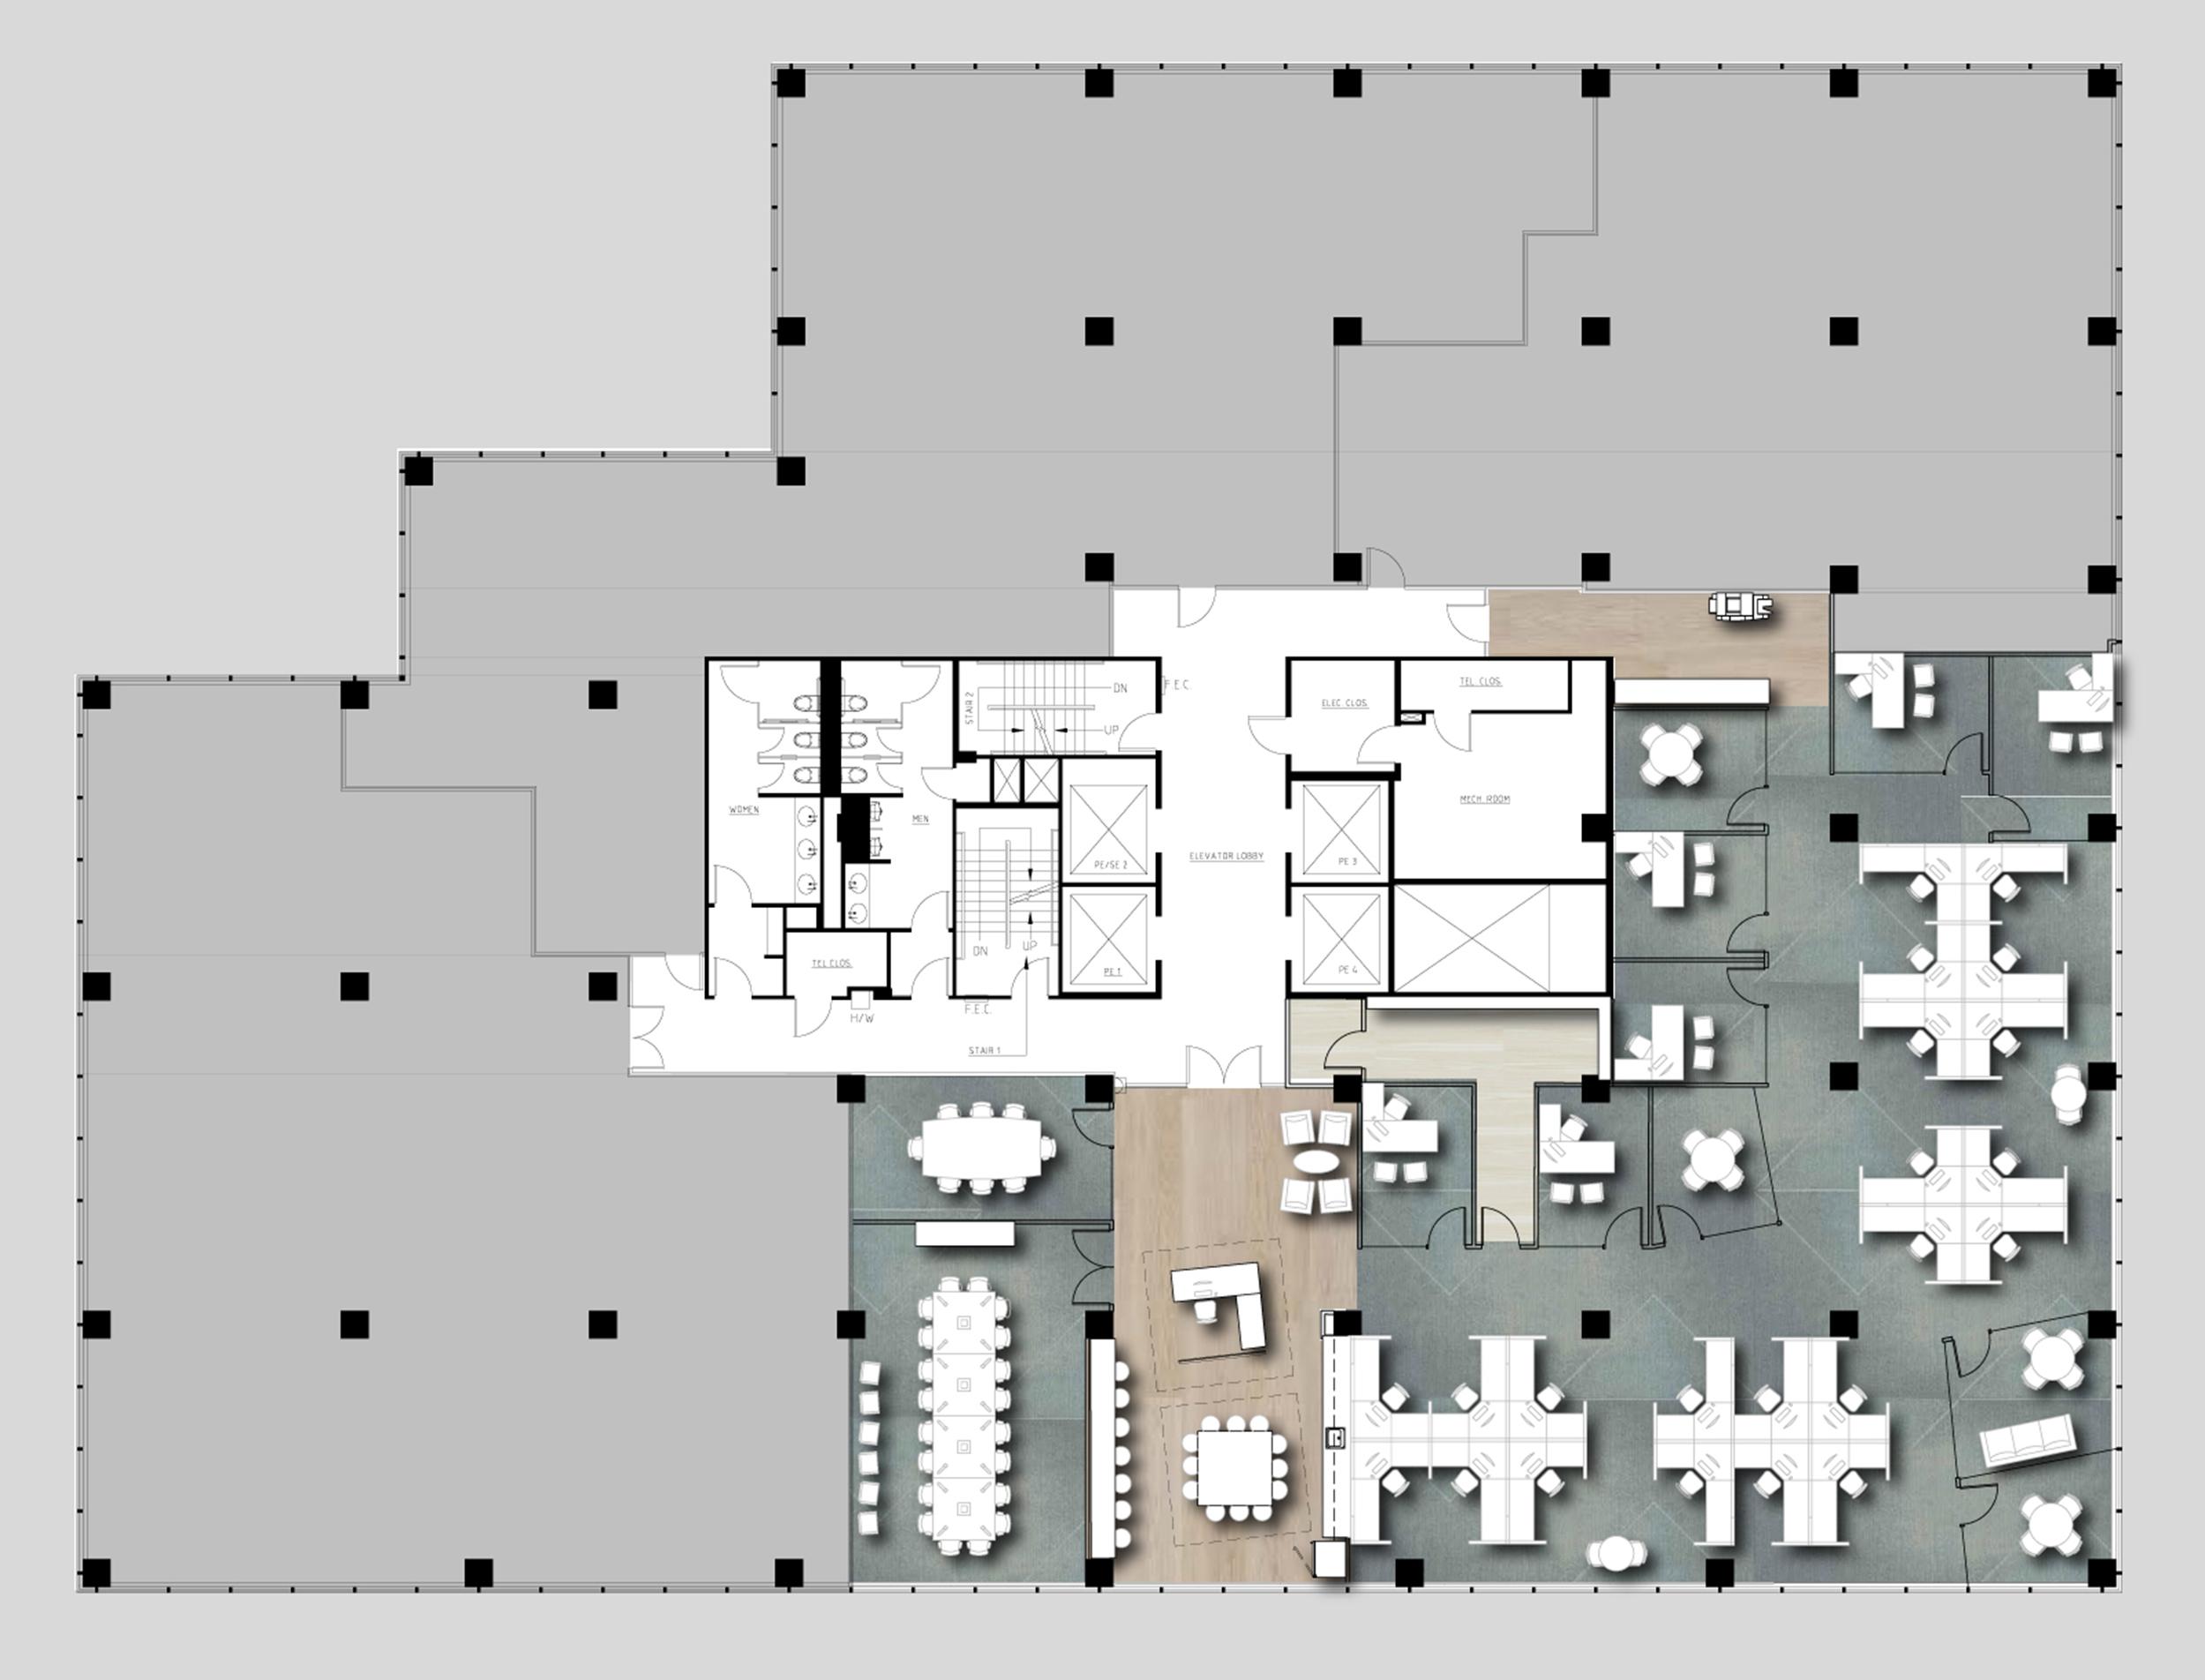 Nashp-Rendered-Floorplan.jpg